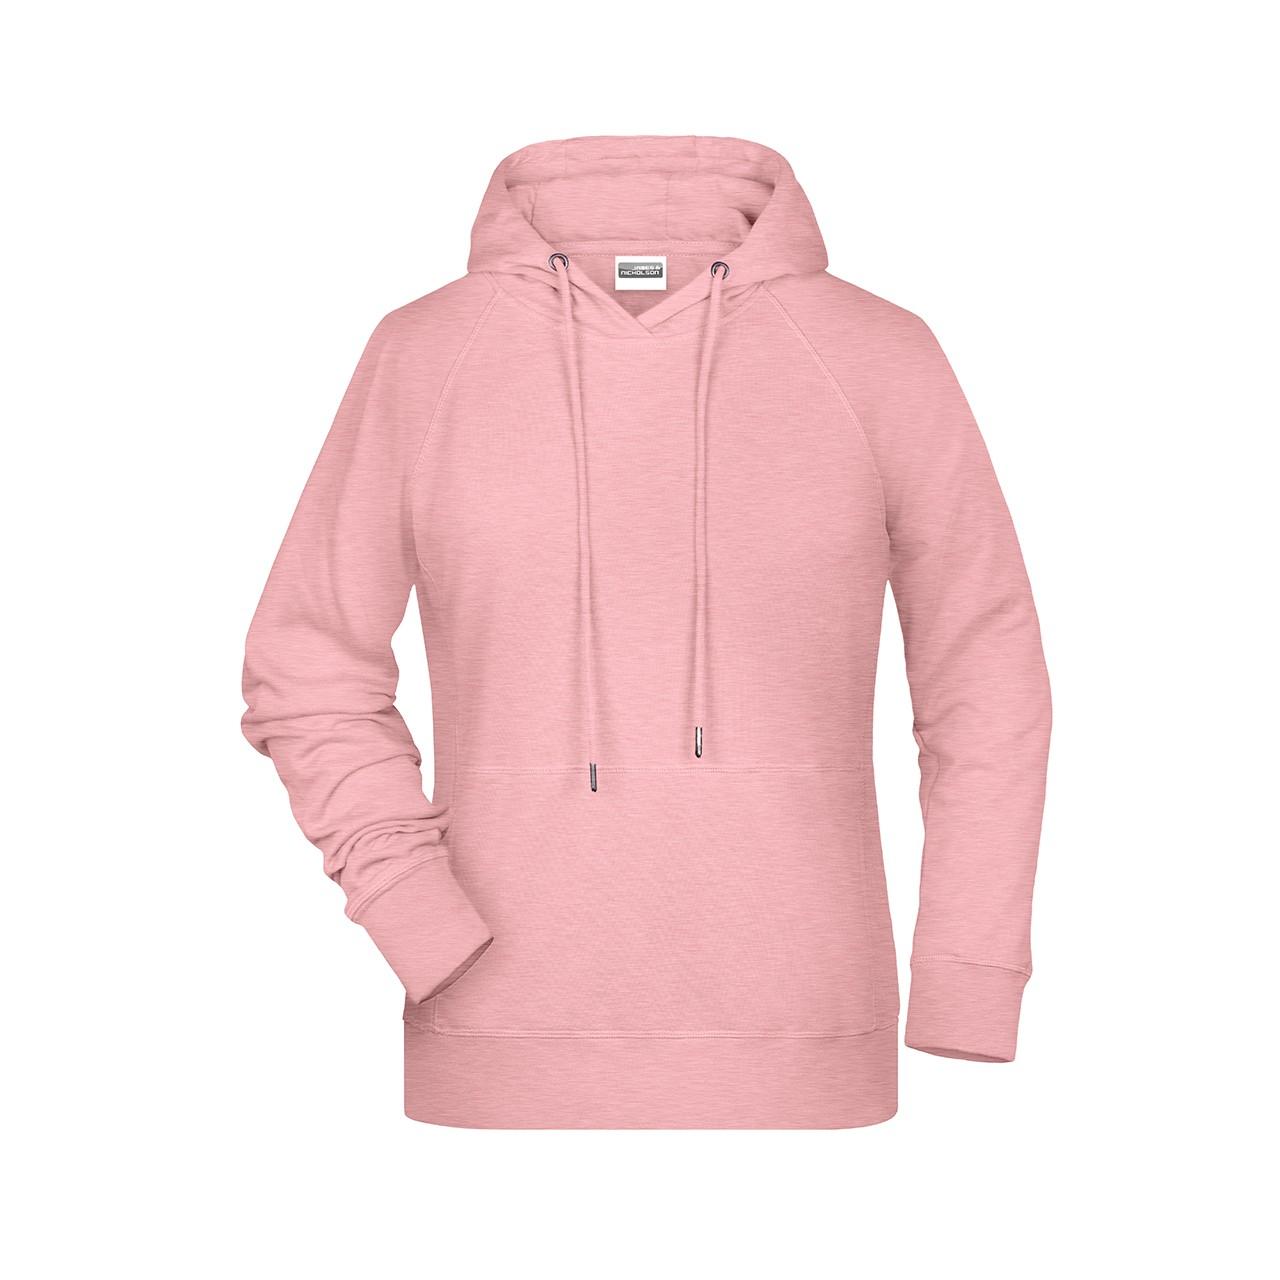 Damen Hoody Bio-Baumwolle James & Nicholson® | bedrucken, besticken, bedrucken lassen, besticken lassen, mit Logo |